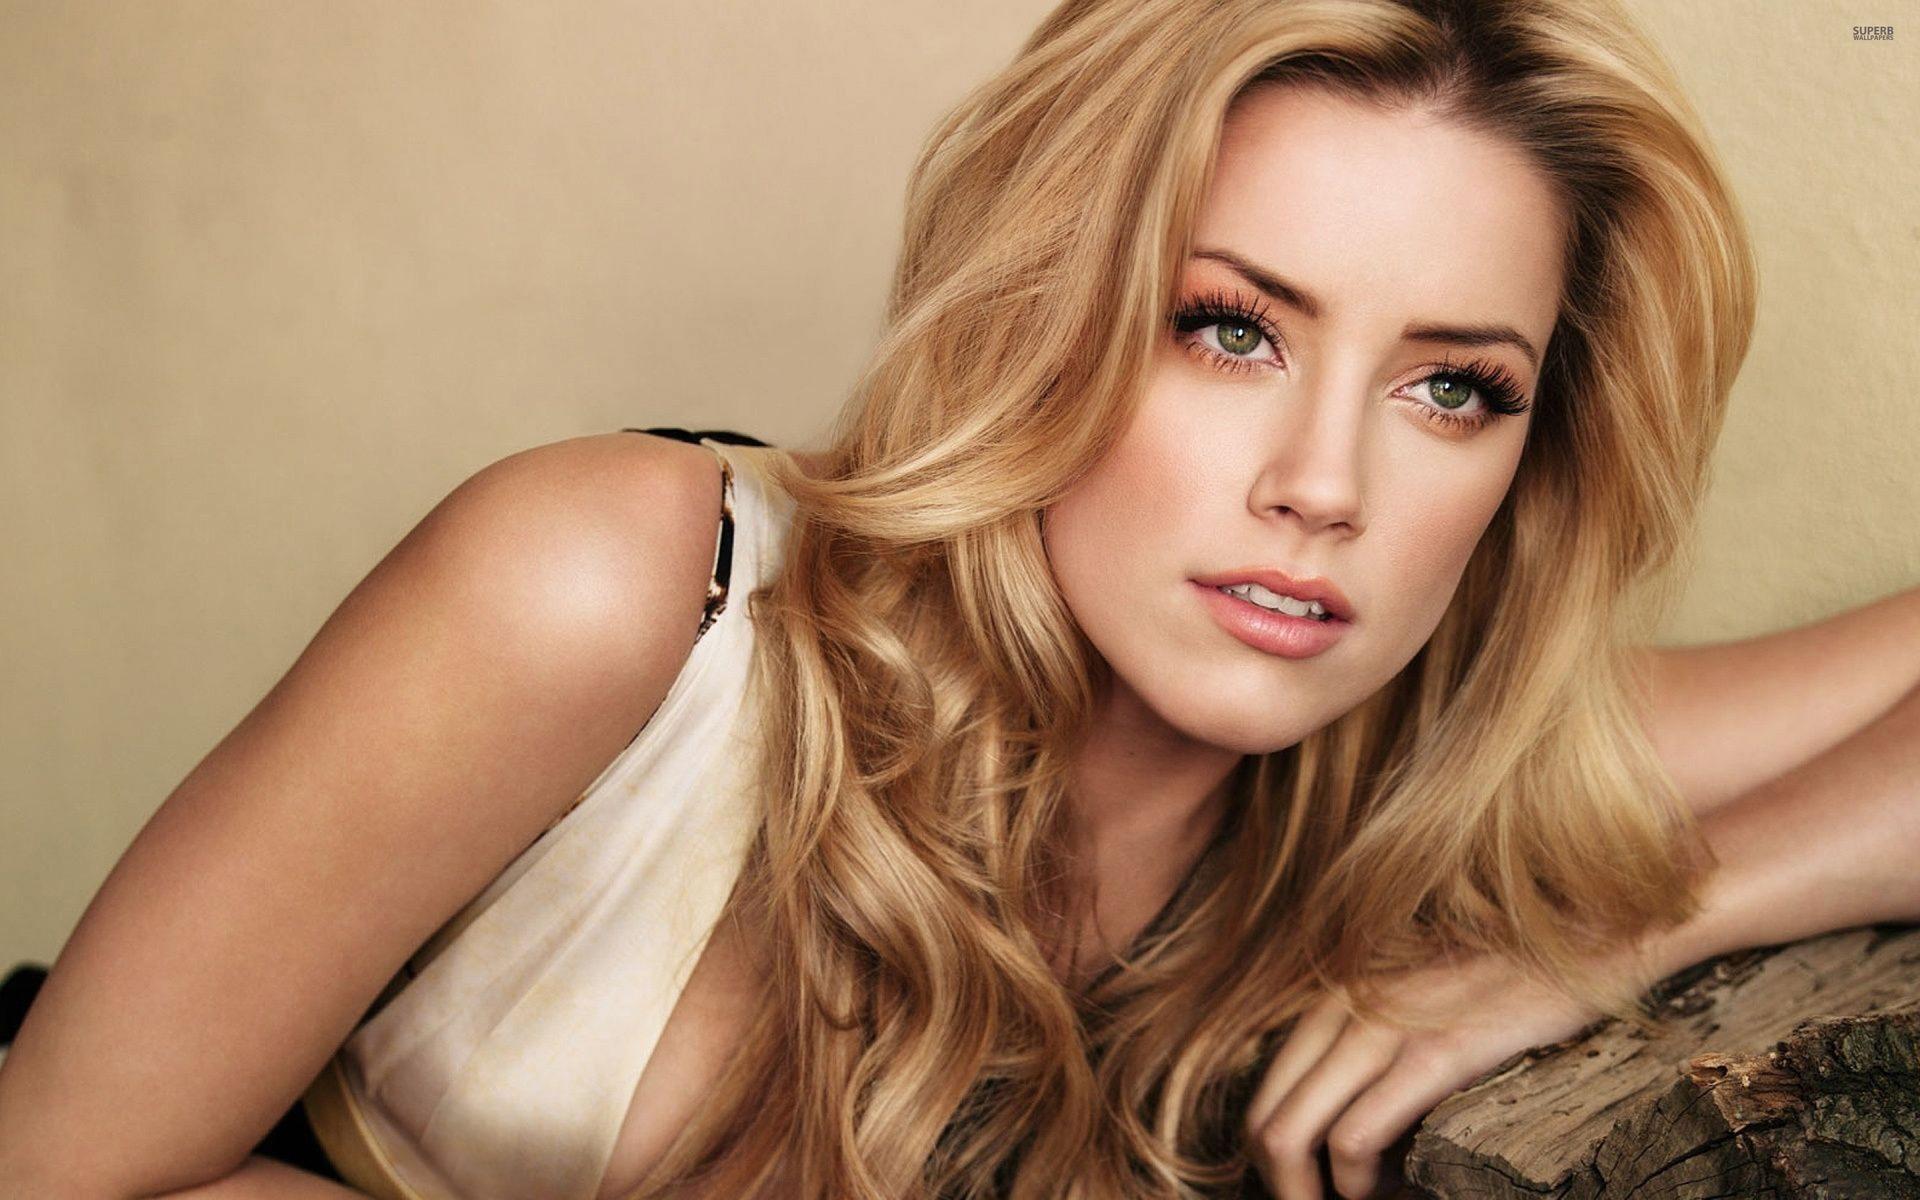 Segundo estudo científico, Amber Heard é a mulher mais linda do mundo